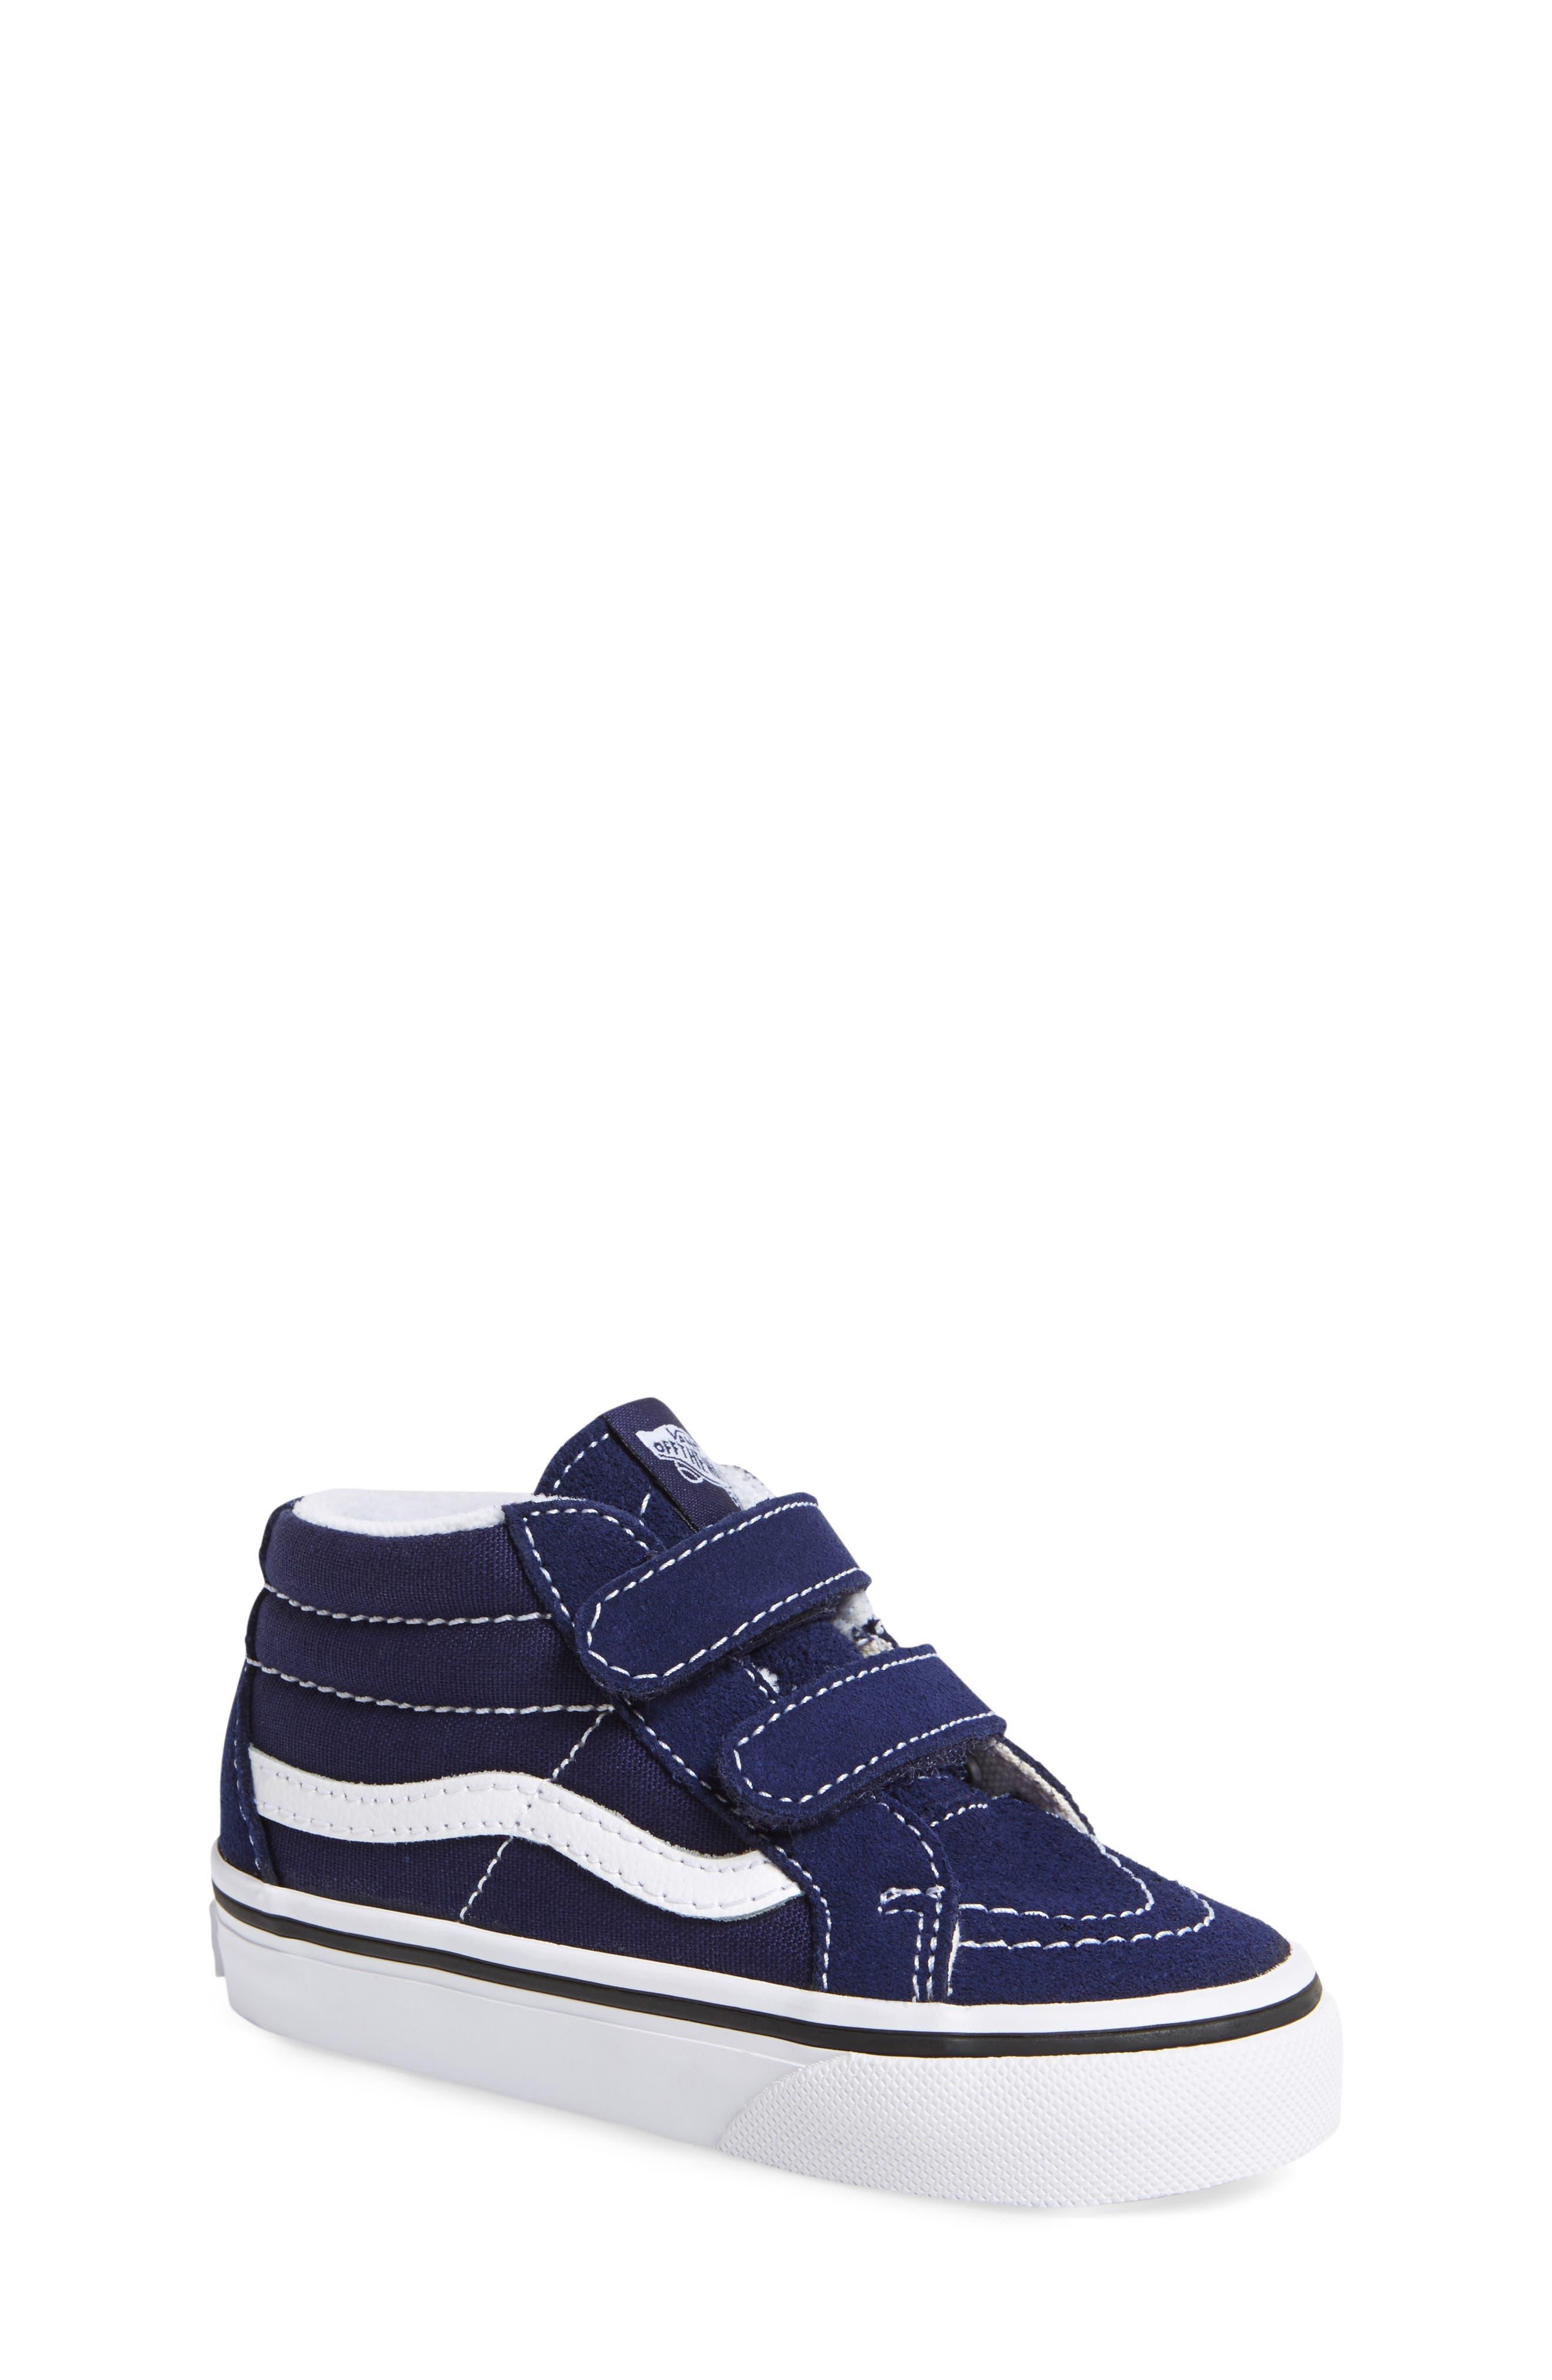 'Sk8-Hi Reissue V' Sneaker,                             Alternate thumbnail 4, color,                             PATRIOT BLUE/ TRUE WHITE